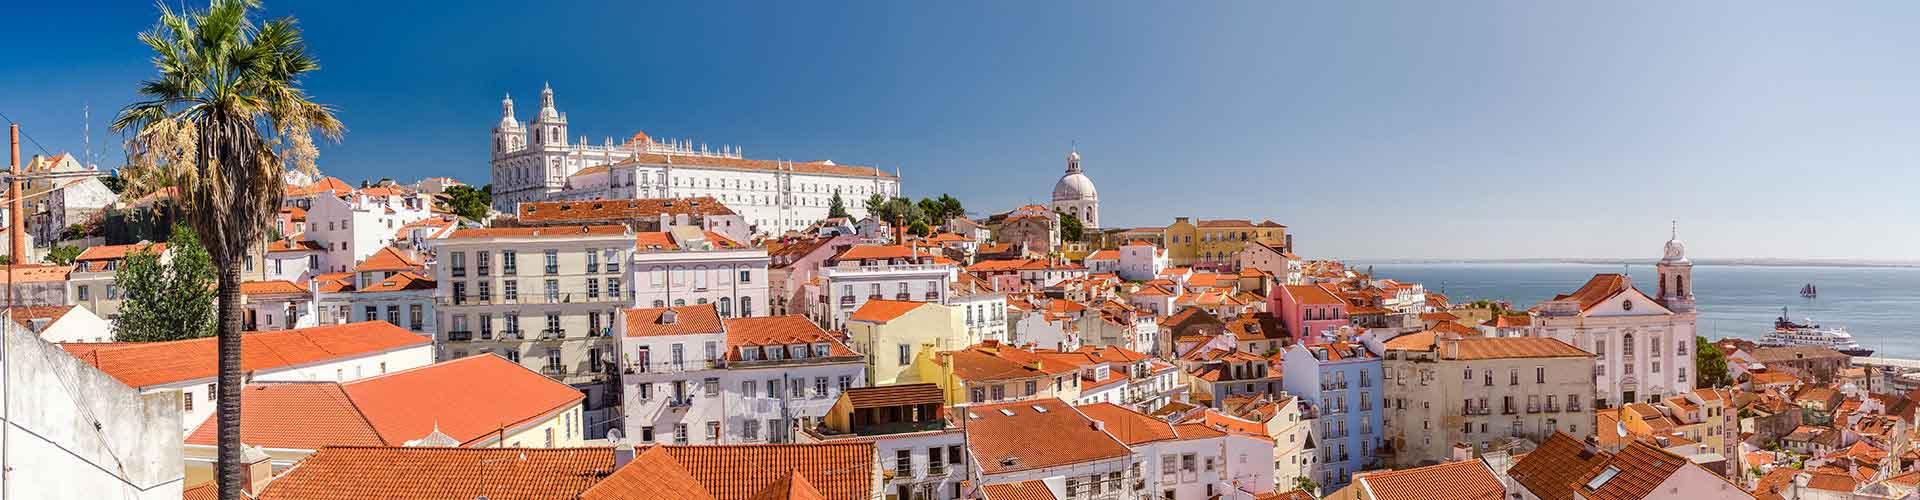 Lisbonne - Chambres pas chères dans le quartier de Alfama. Cartes pour Lisbonne, photos et commentaires pour chaque chambre à Lisbonne.